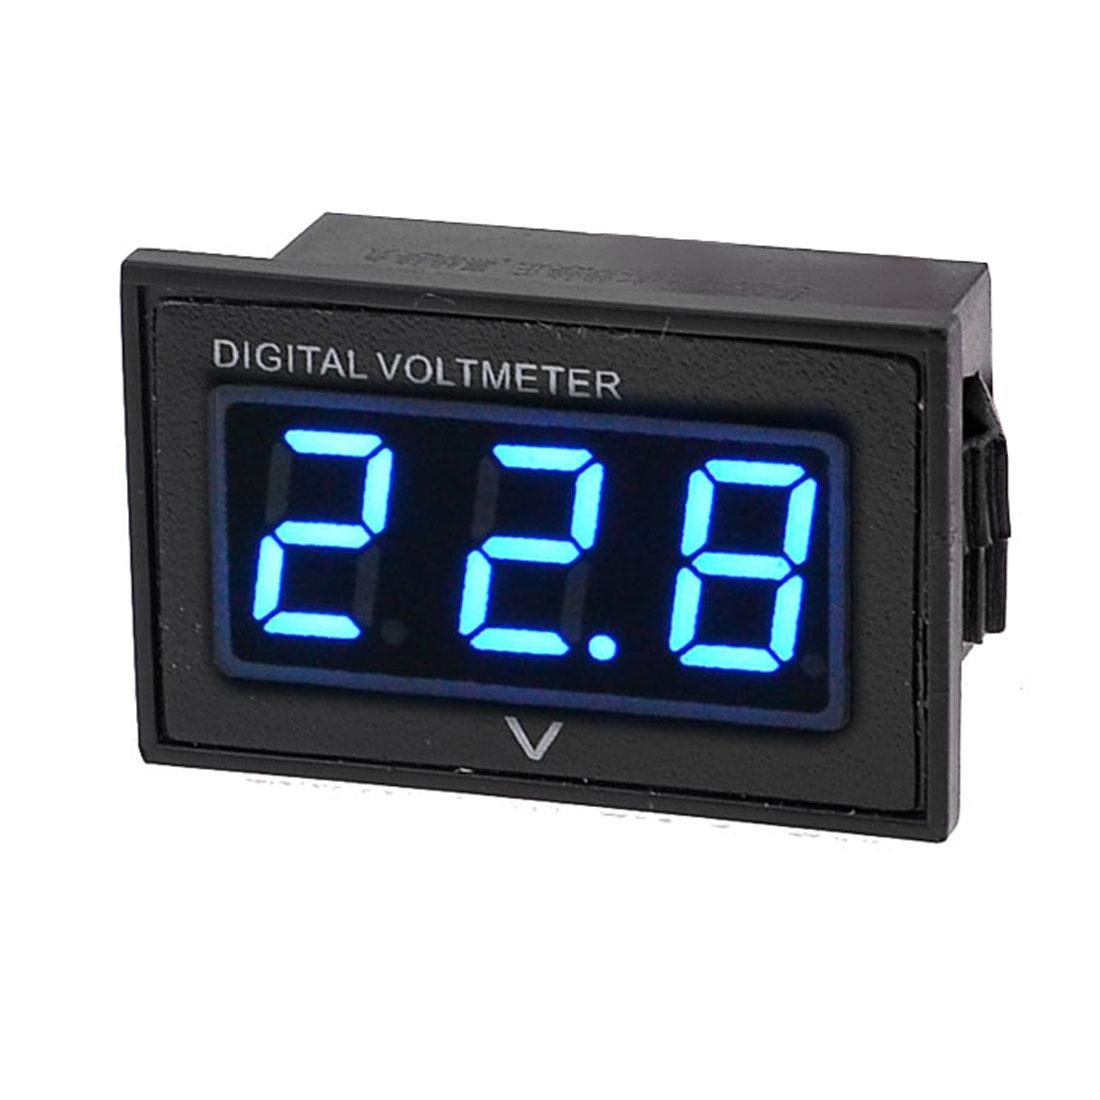 Waterproof 3 Digits DC 15-120V Voltage Meter LED Digital Display